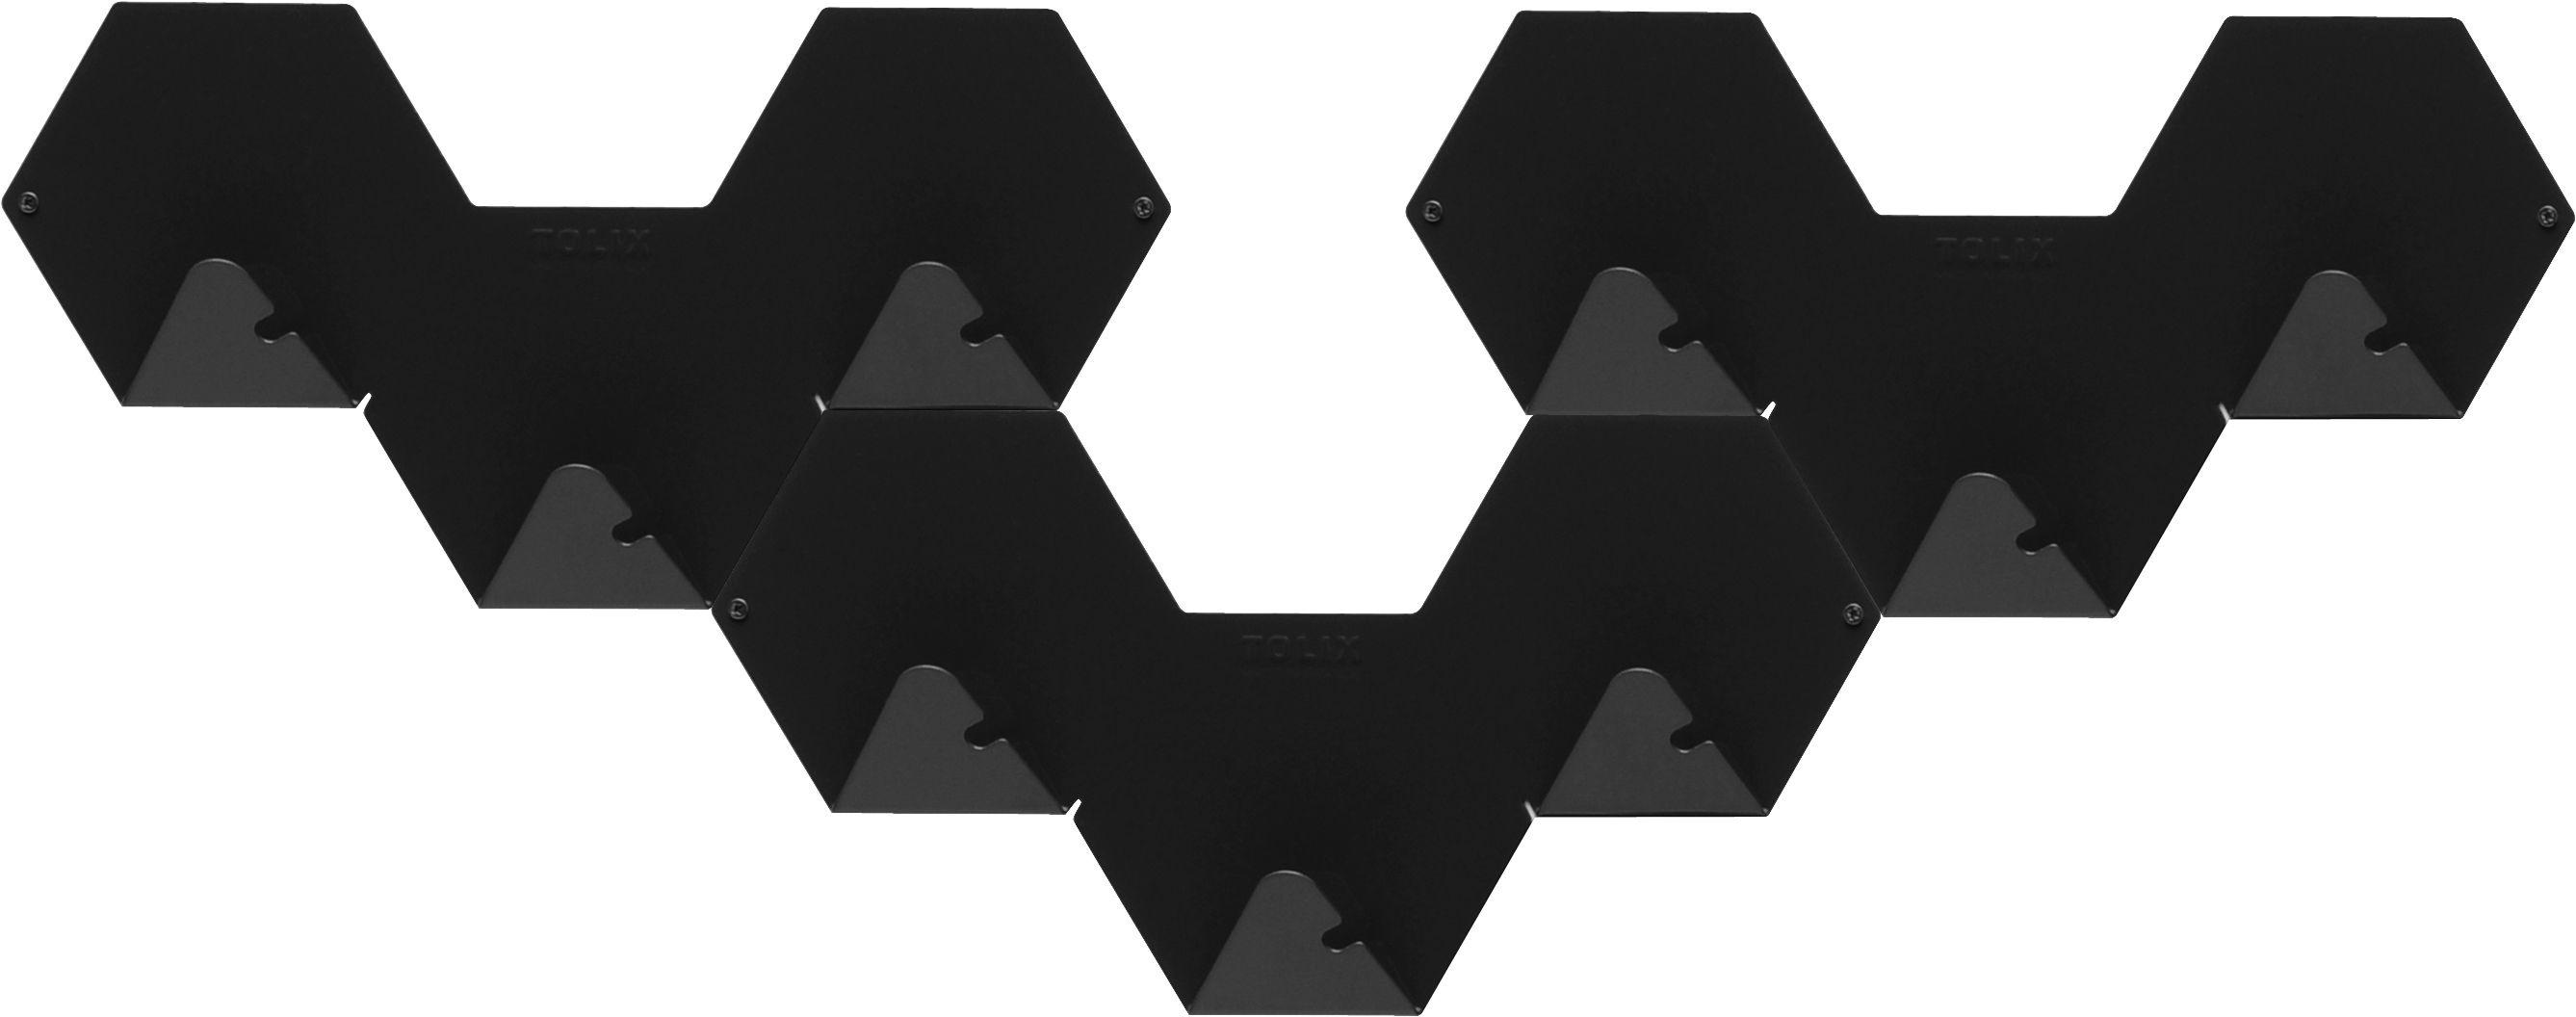 Möbel - Garderoben und Kleiderhaken - Simplex Wandhaken 3-er Set - Tolix - Schwarz - lackierter Stahl